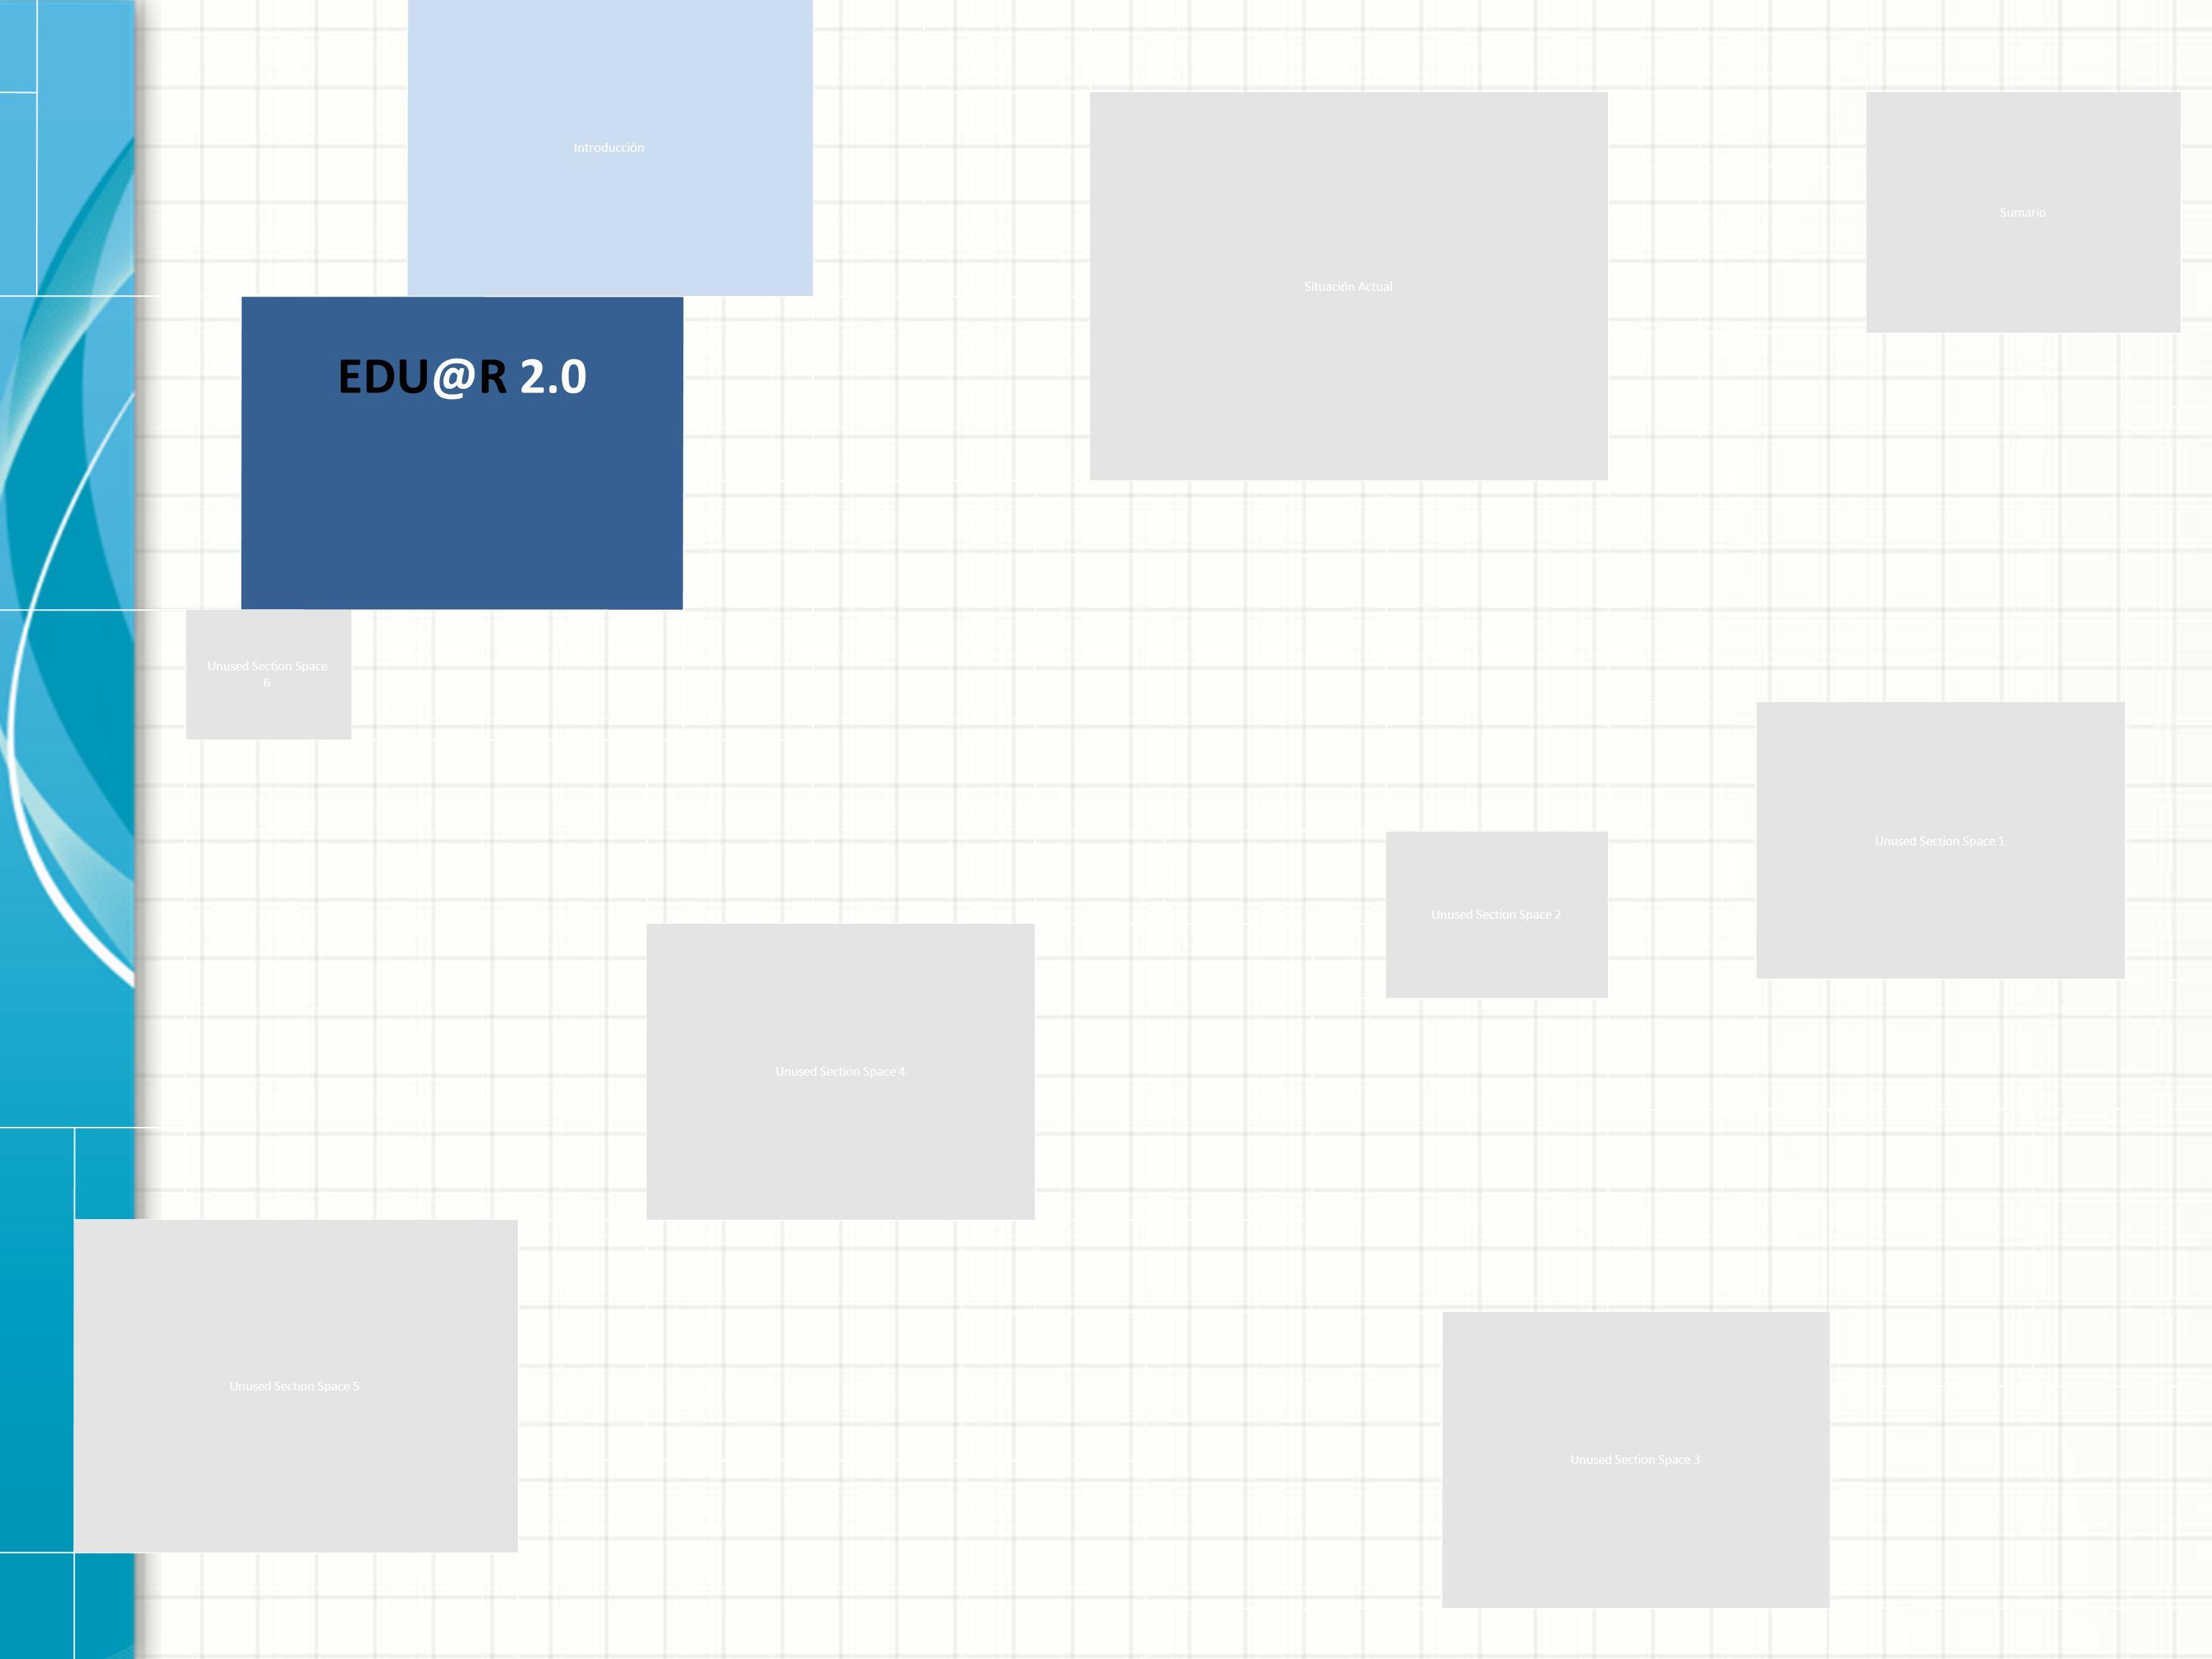 EDU@R 2.0 Introducción Sumario Situación Actual Unused Section Space 6